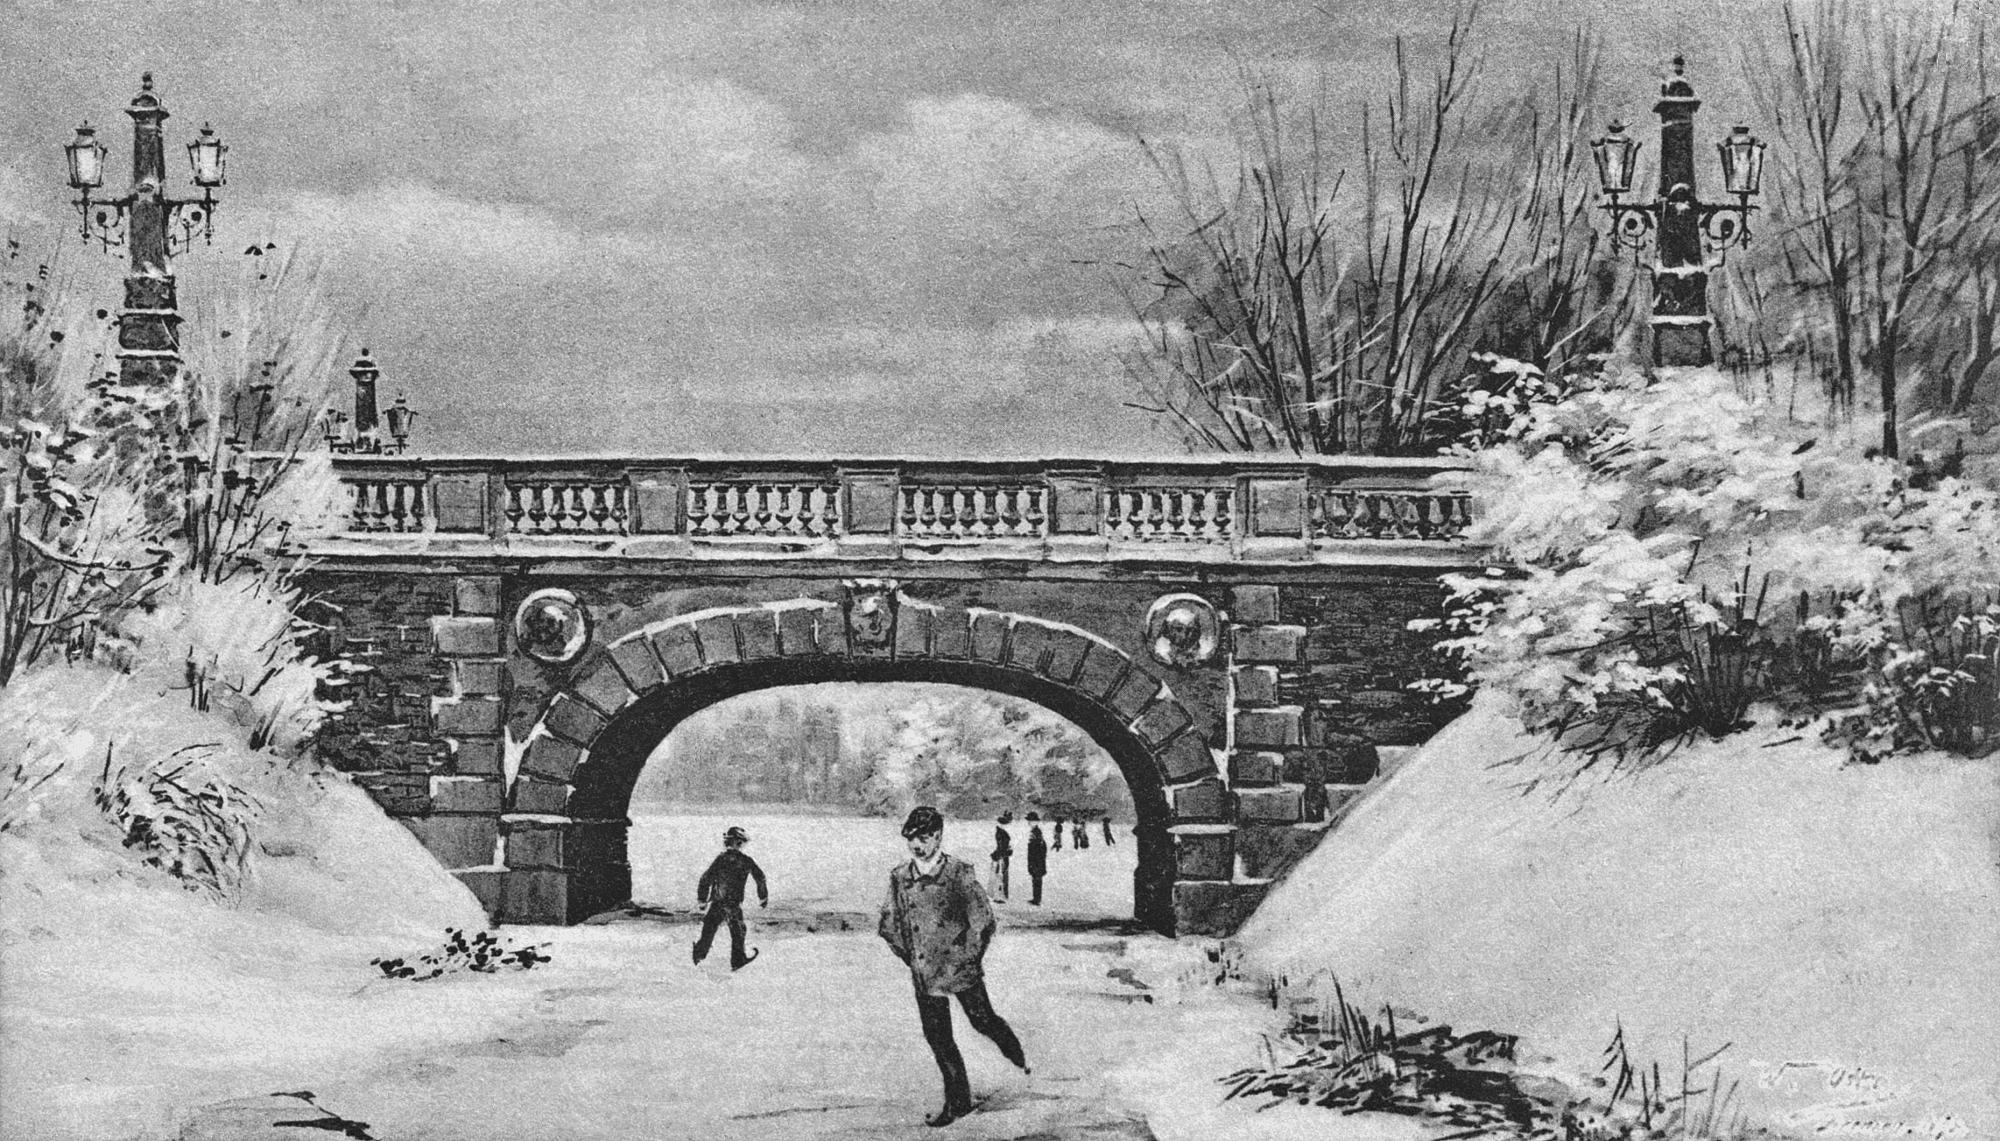 Nr.300 - Melchersbrücke im Winter, Schlittschuläufer